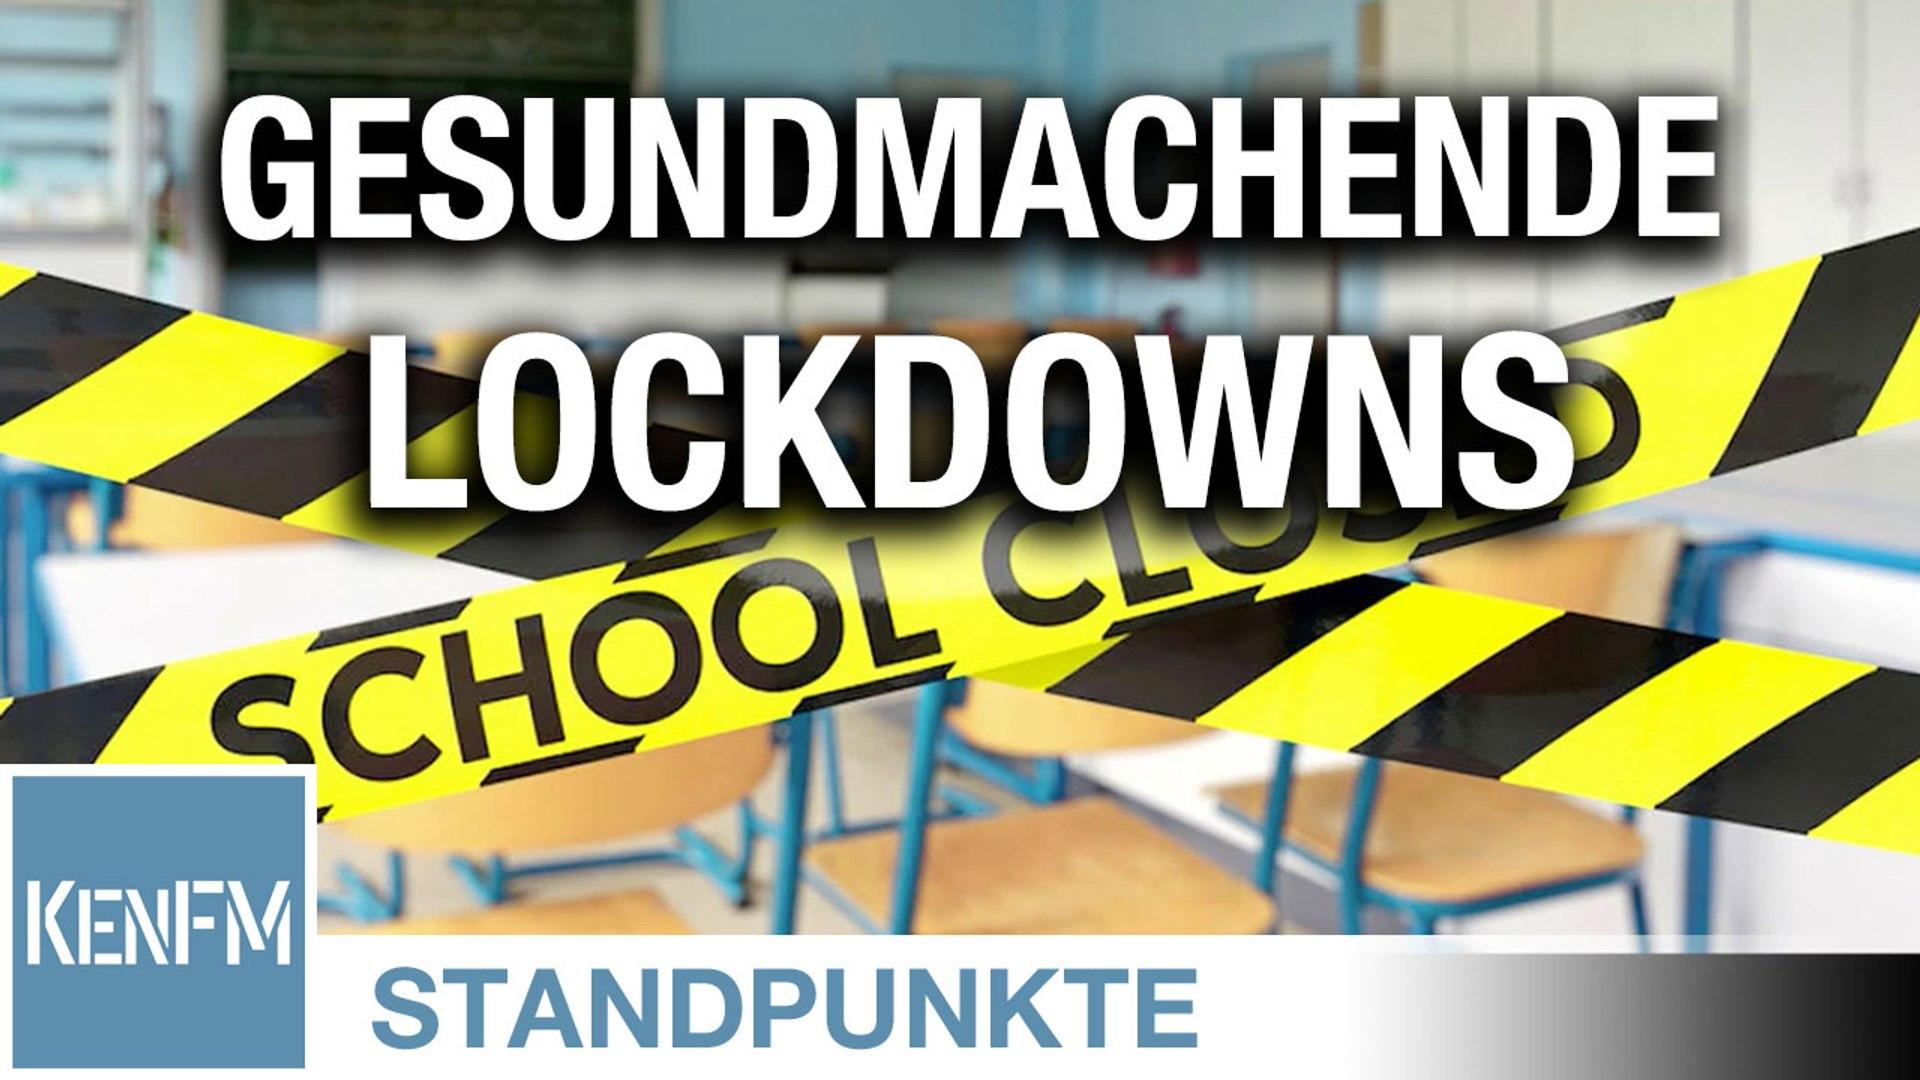 Gesundmachende Lockdowns   Von Christian Kreiß